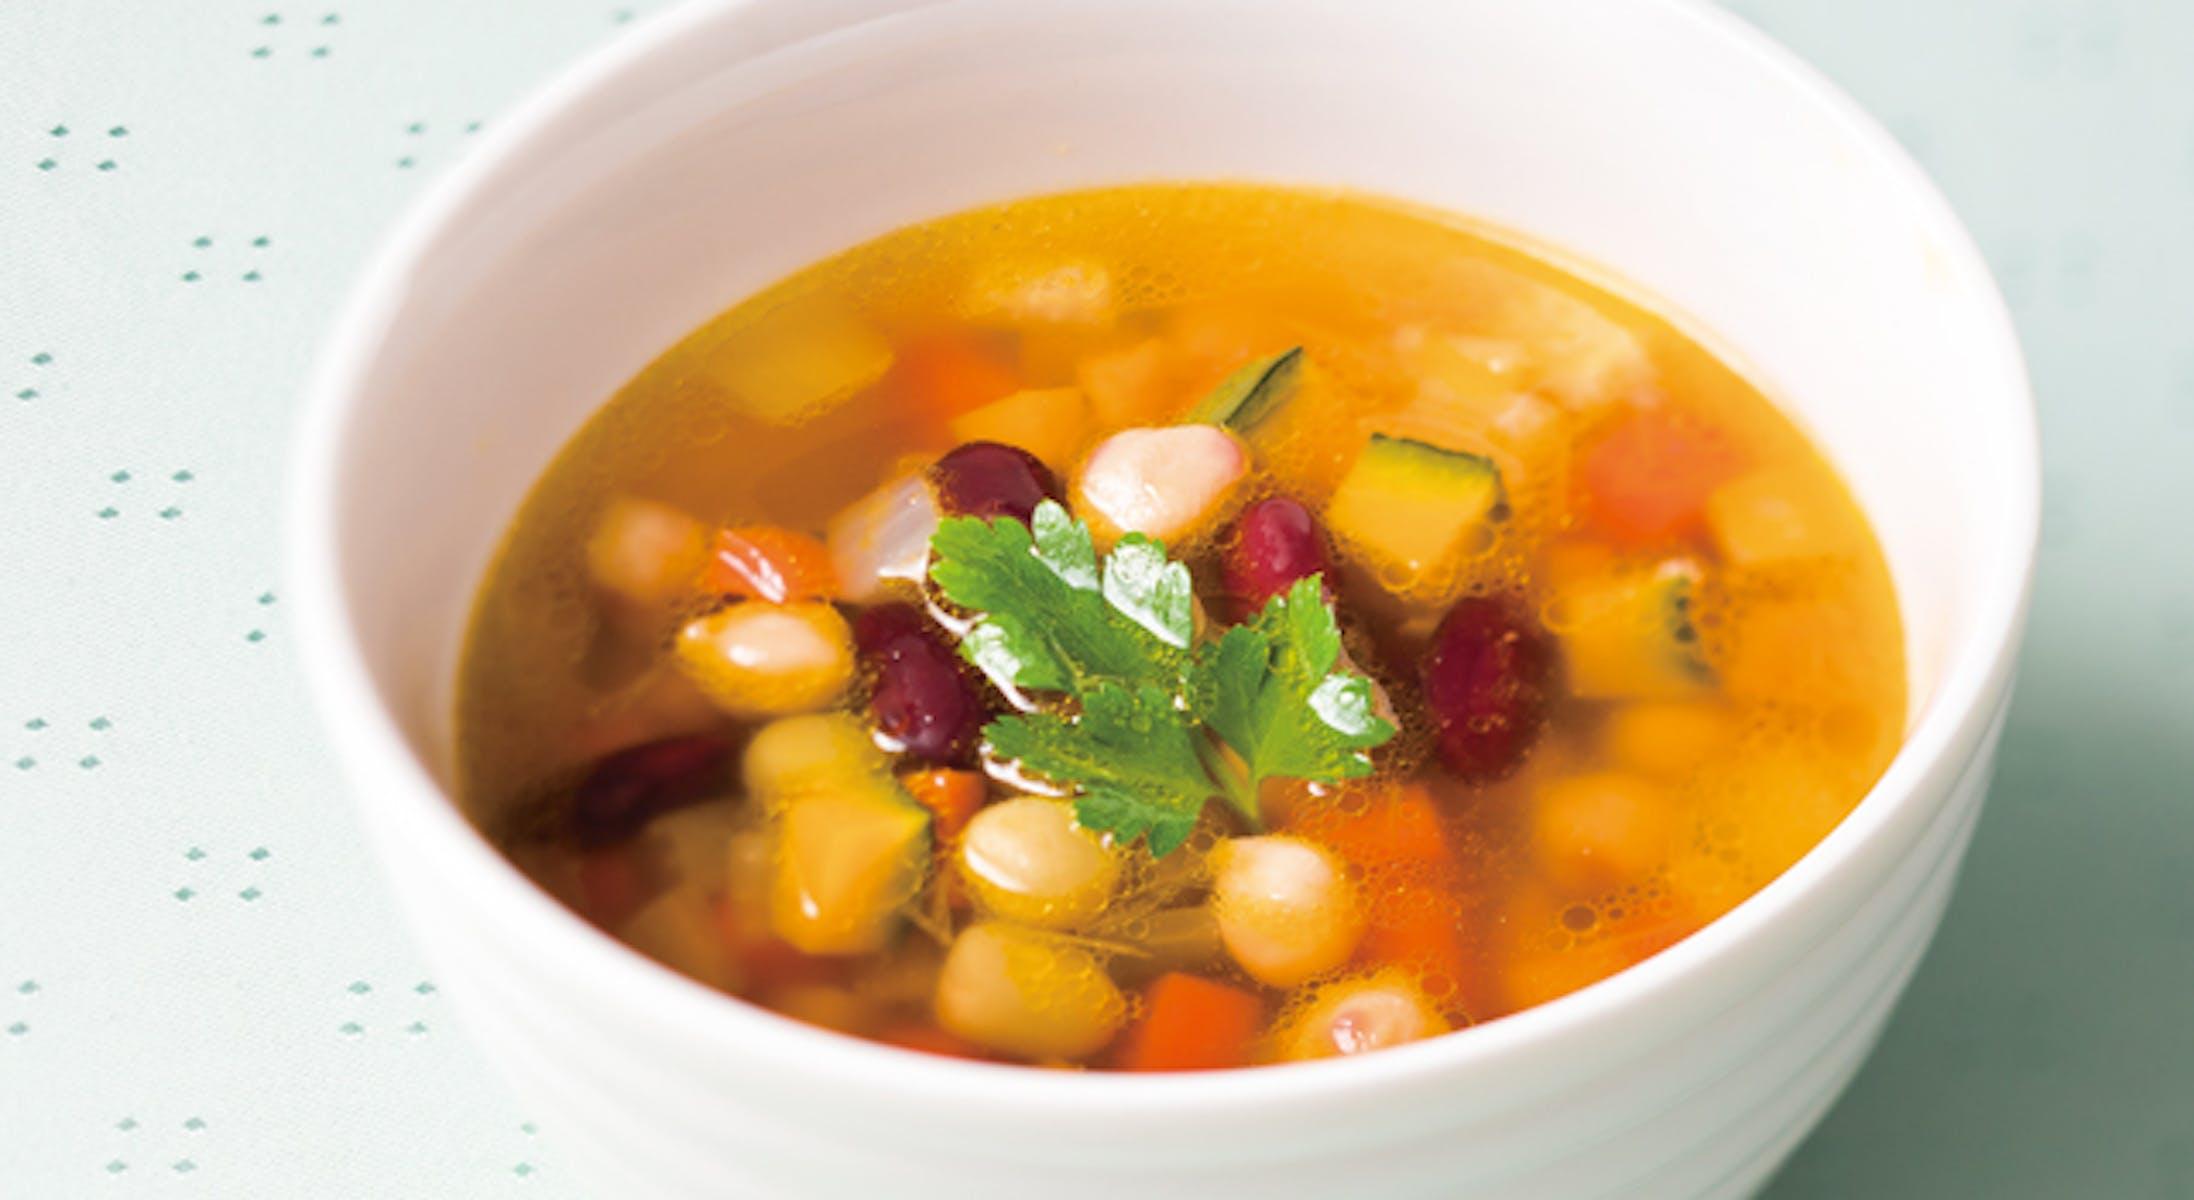 コロコロ野菜とお豆のスープ